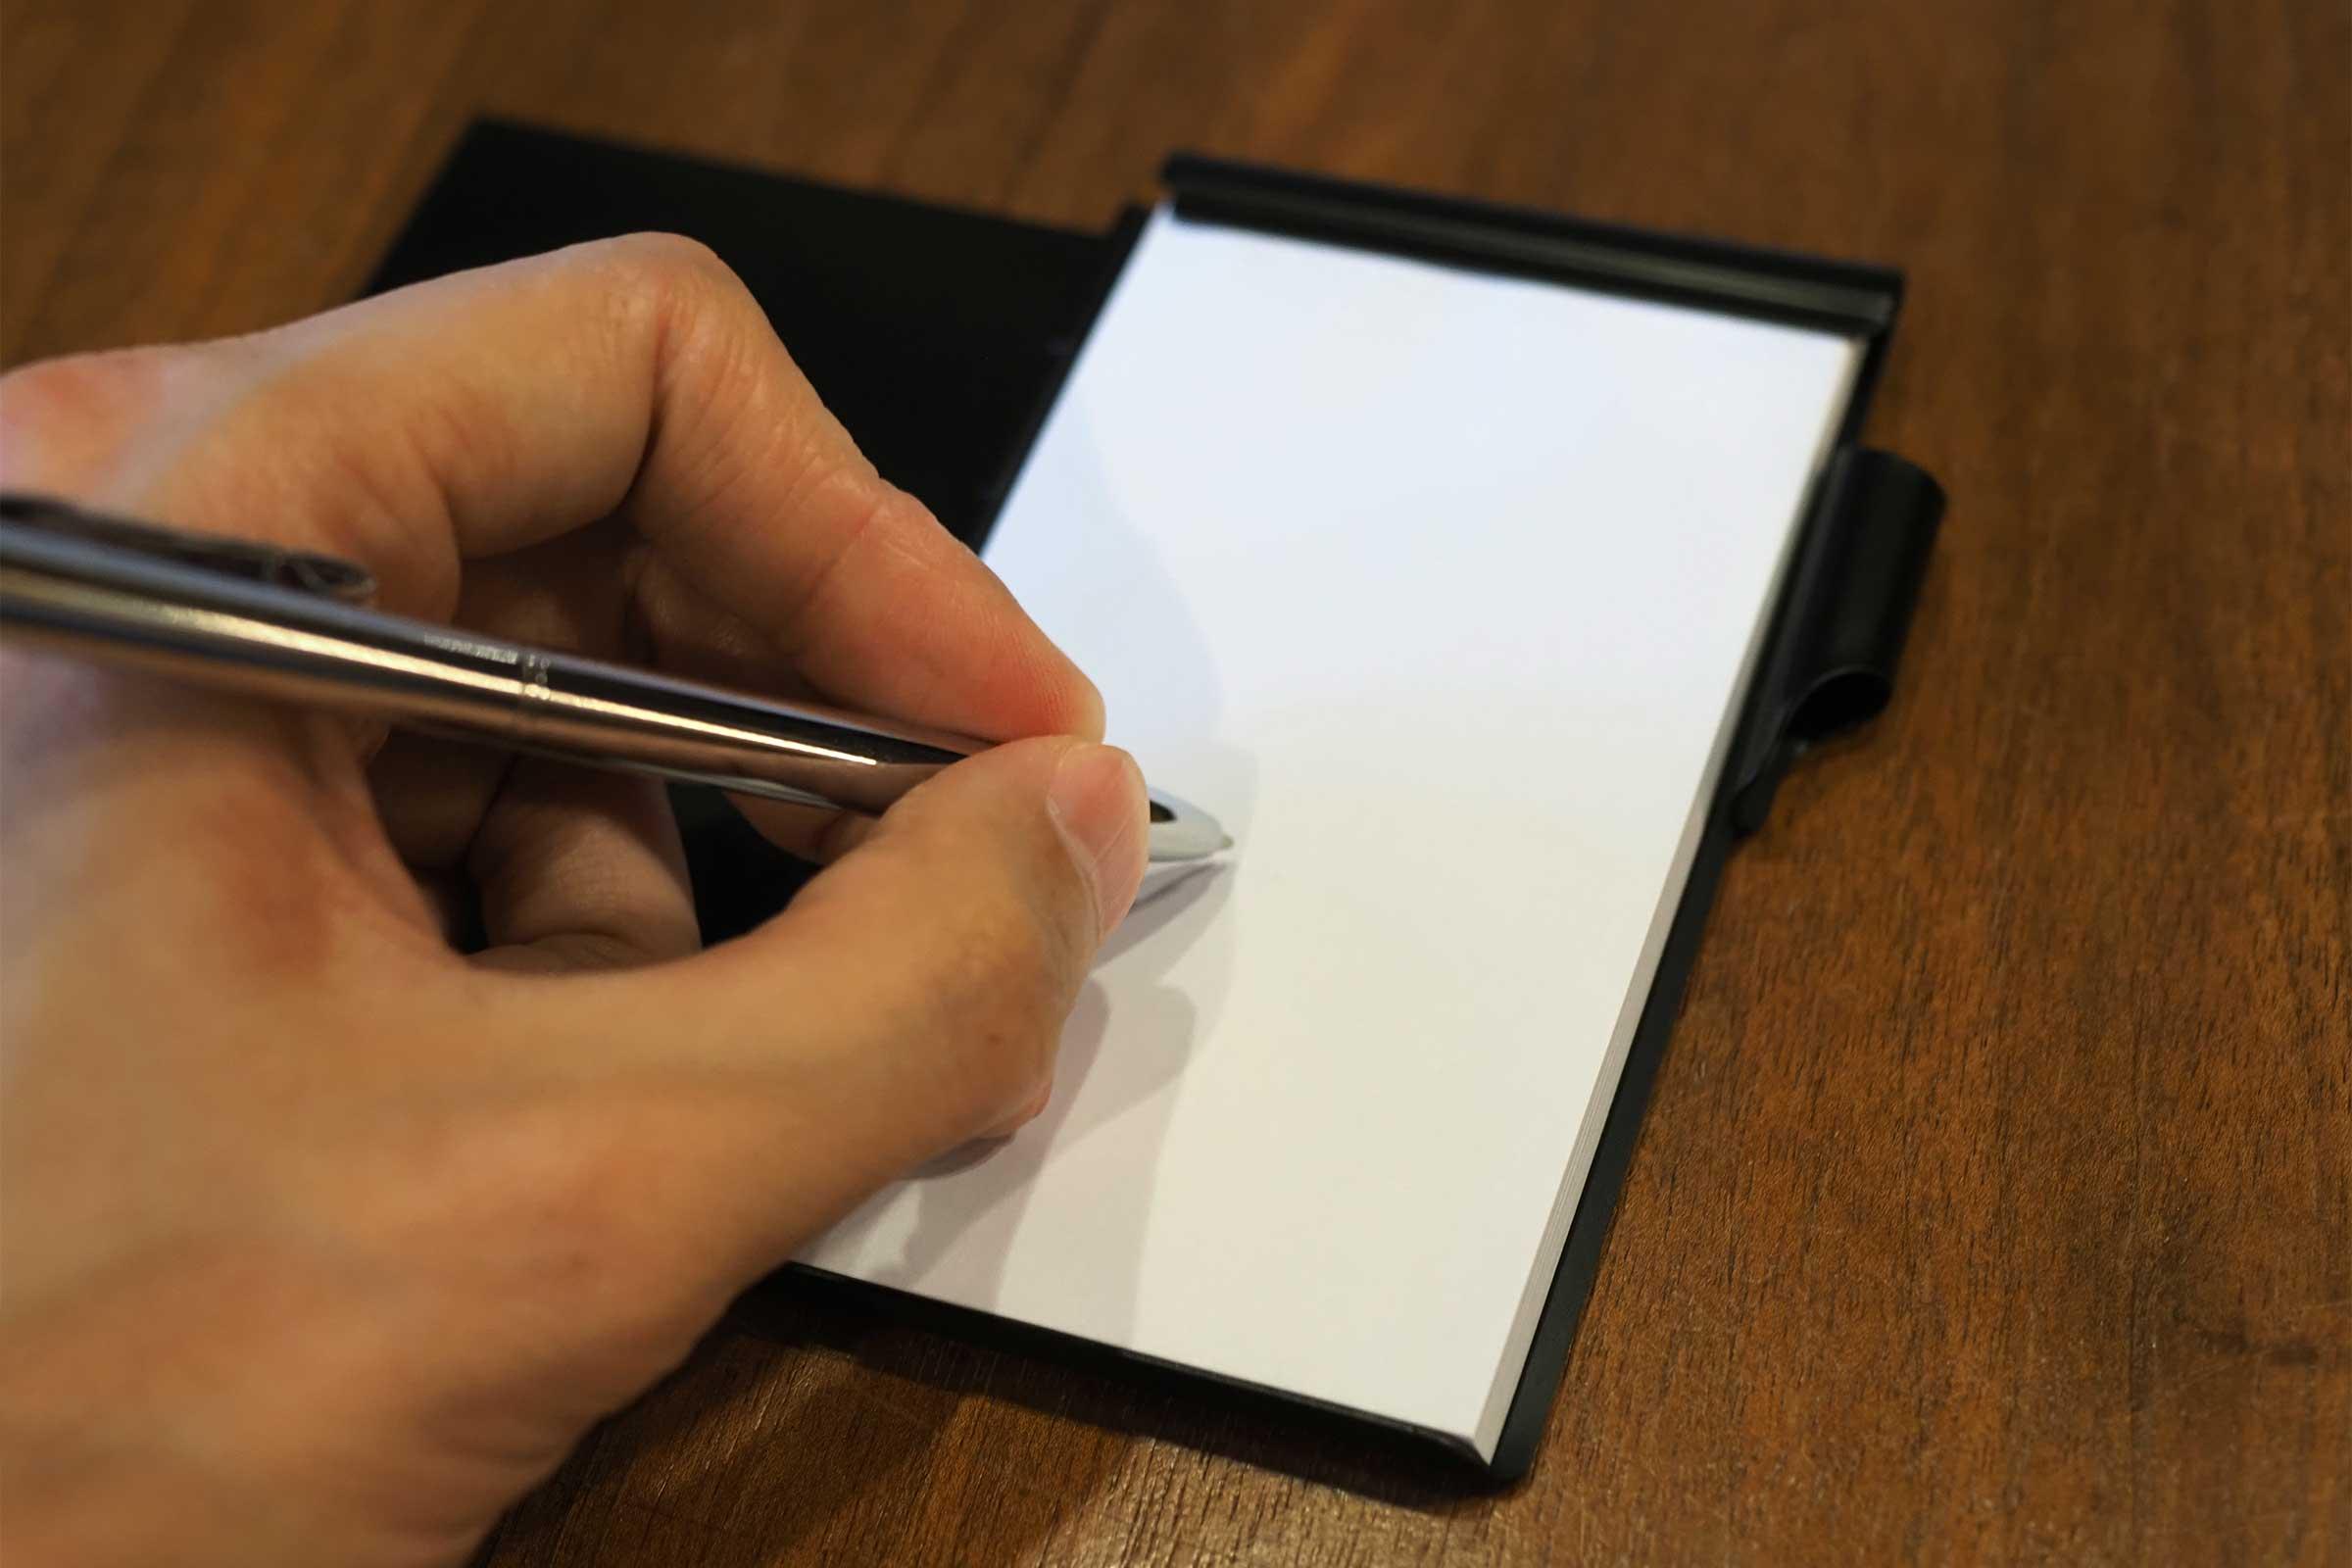 フリップノート,Flip Note,メモ帳,ノート,手書き,コンパクト,ボールペン,コスパ,書きやすい